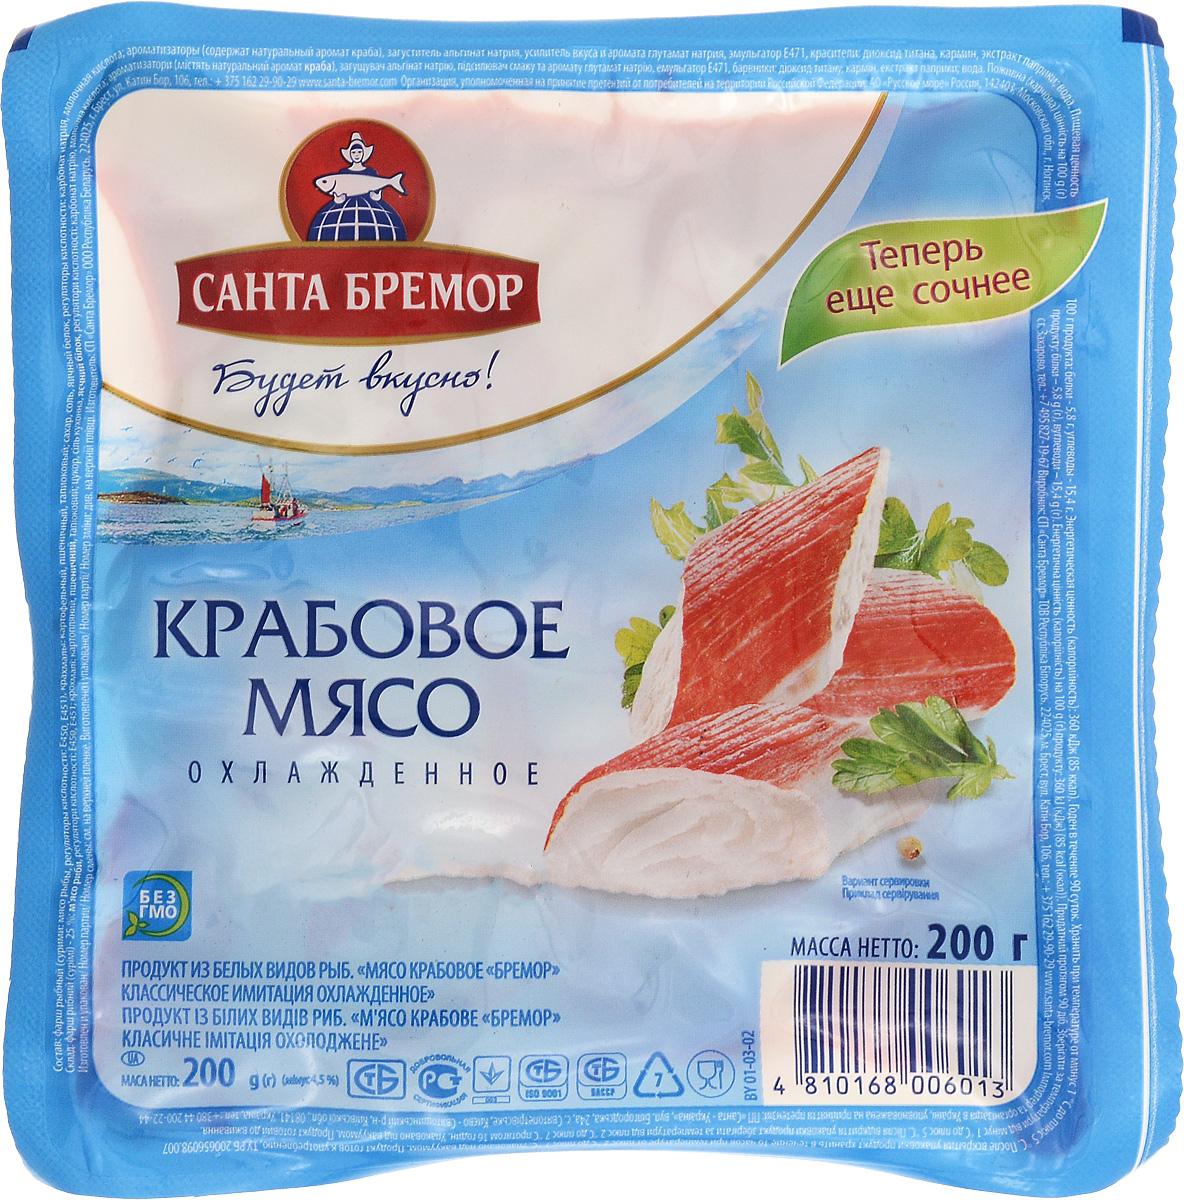 Санта Бремор Крабовое мясо, охлажденное, 200 г санта бремор мясо креветки в заливке 200 г